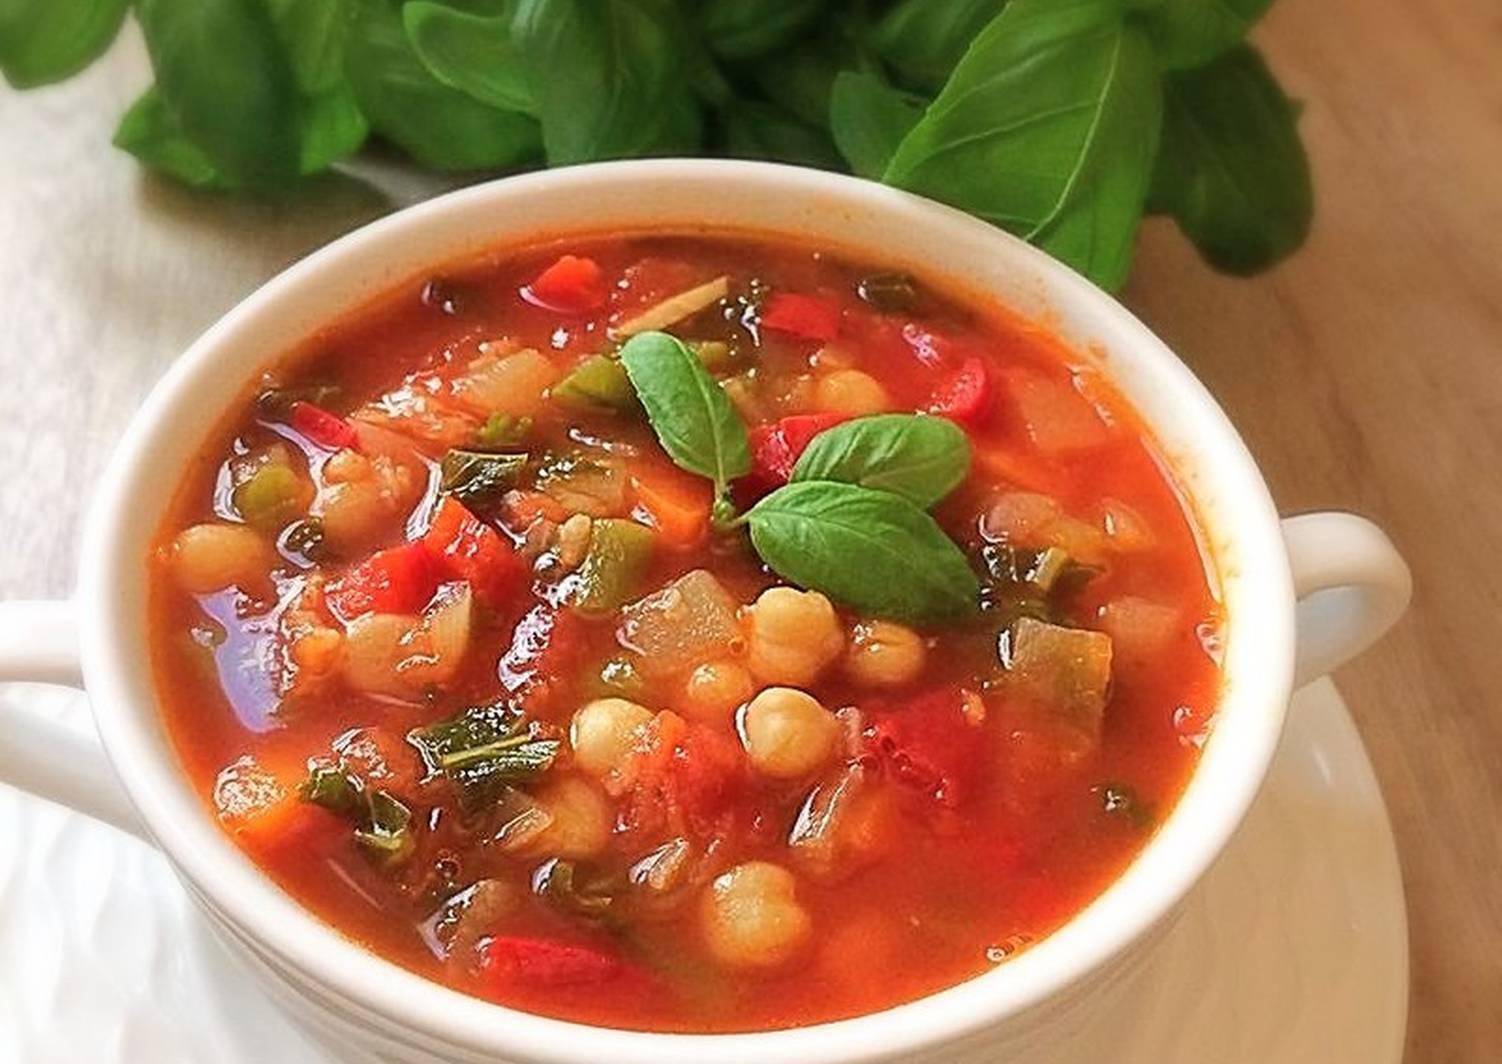 овощные супы без мяса рецепты с фото того